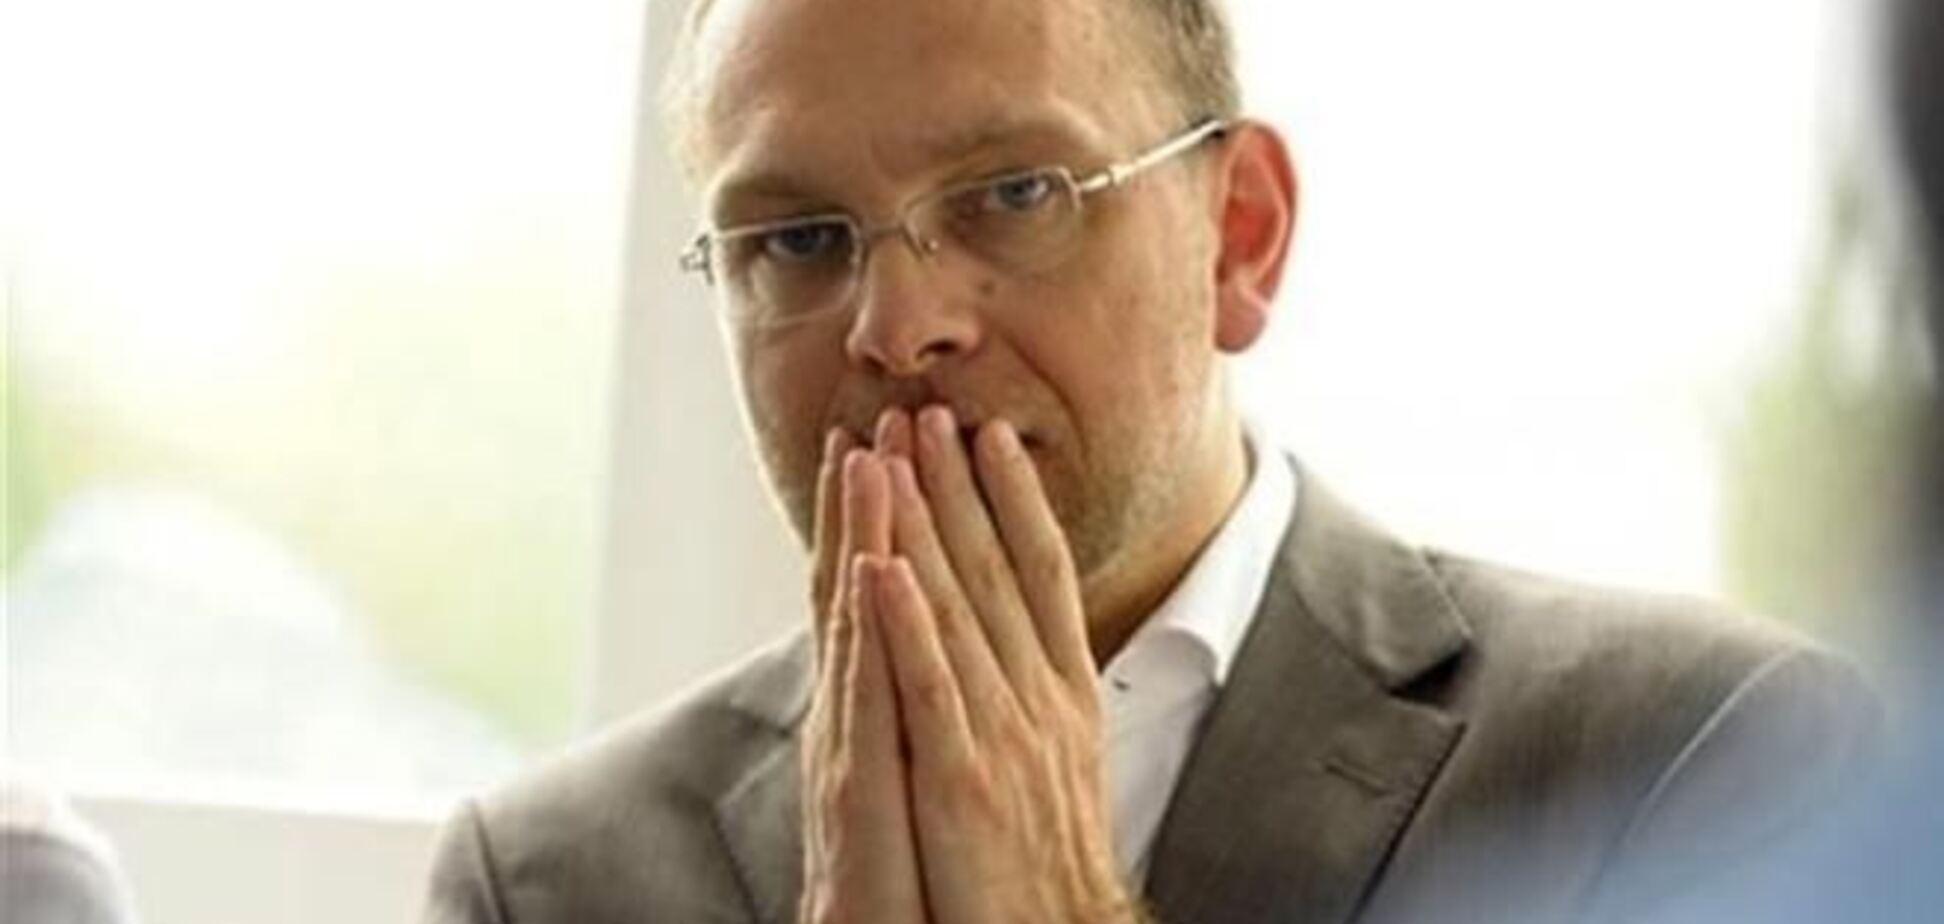 Окунская: теперь Власенко хочет платить алименты в размере 280 грн в месяц